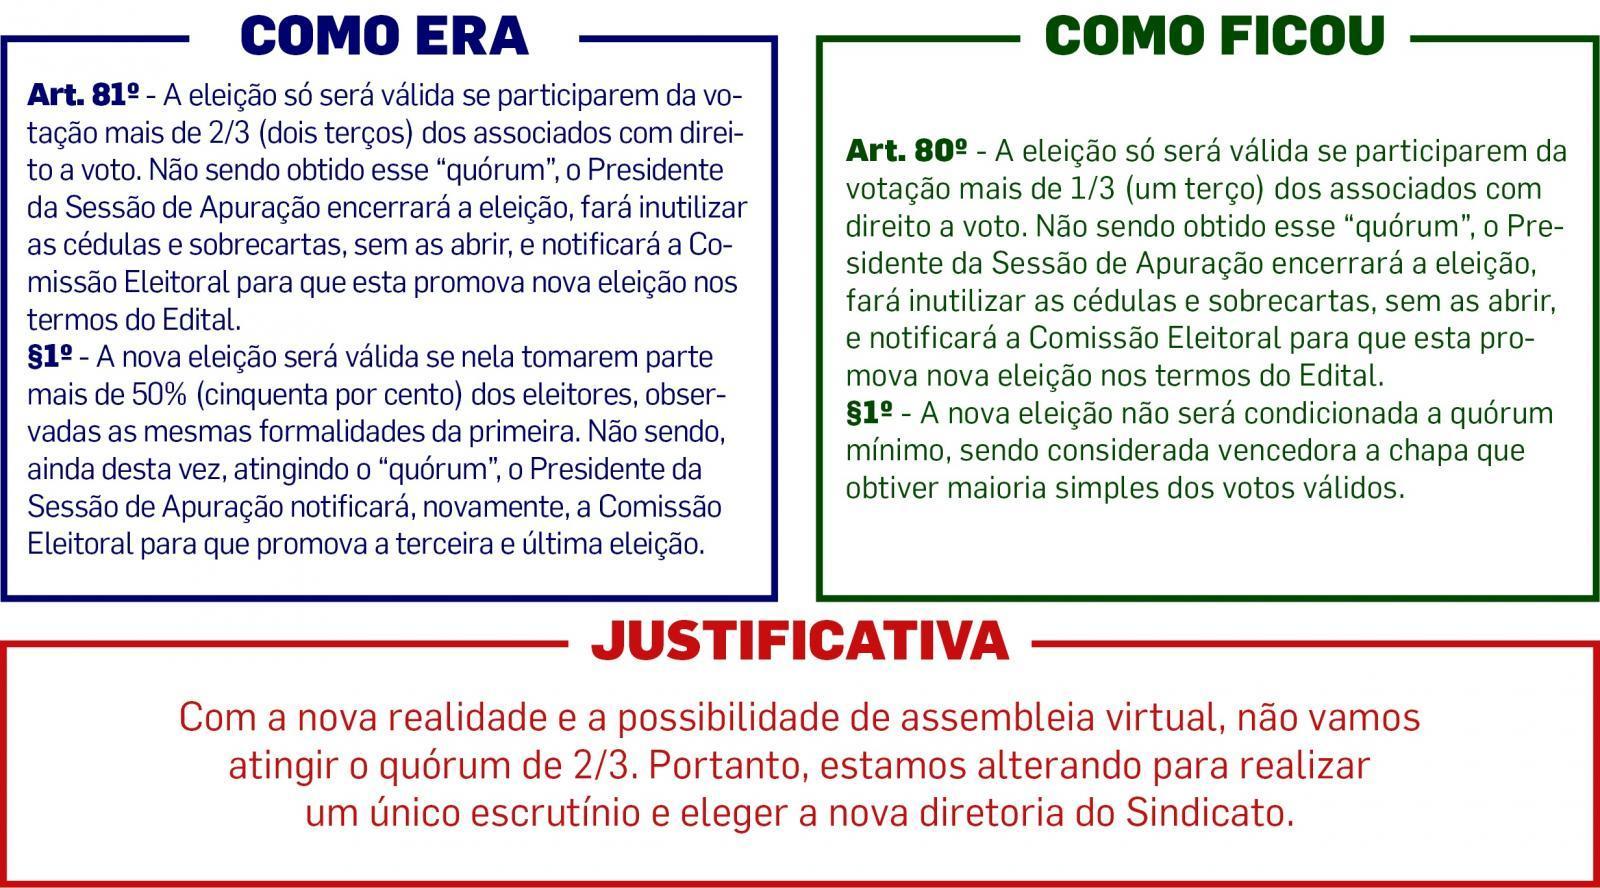 Veja as propostas de mudança do Estatuto do Sindicato